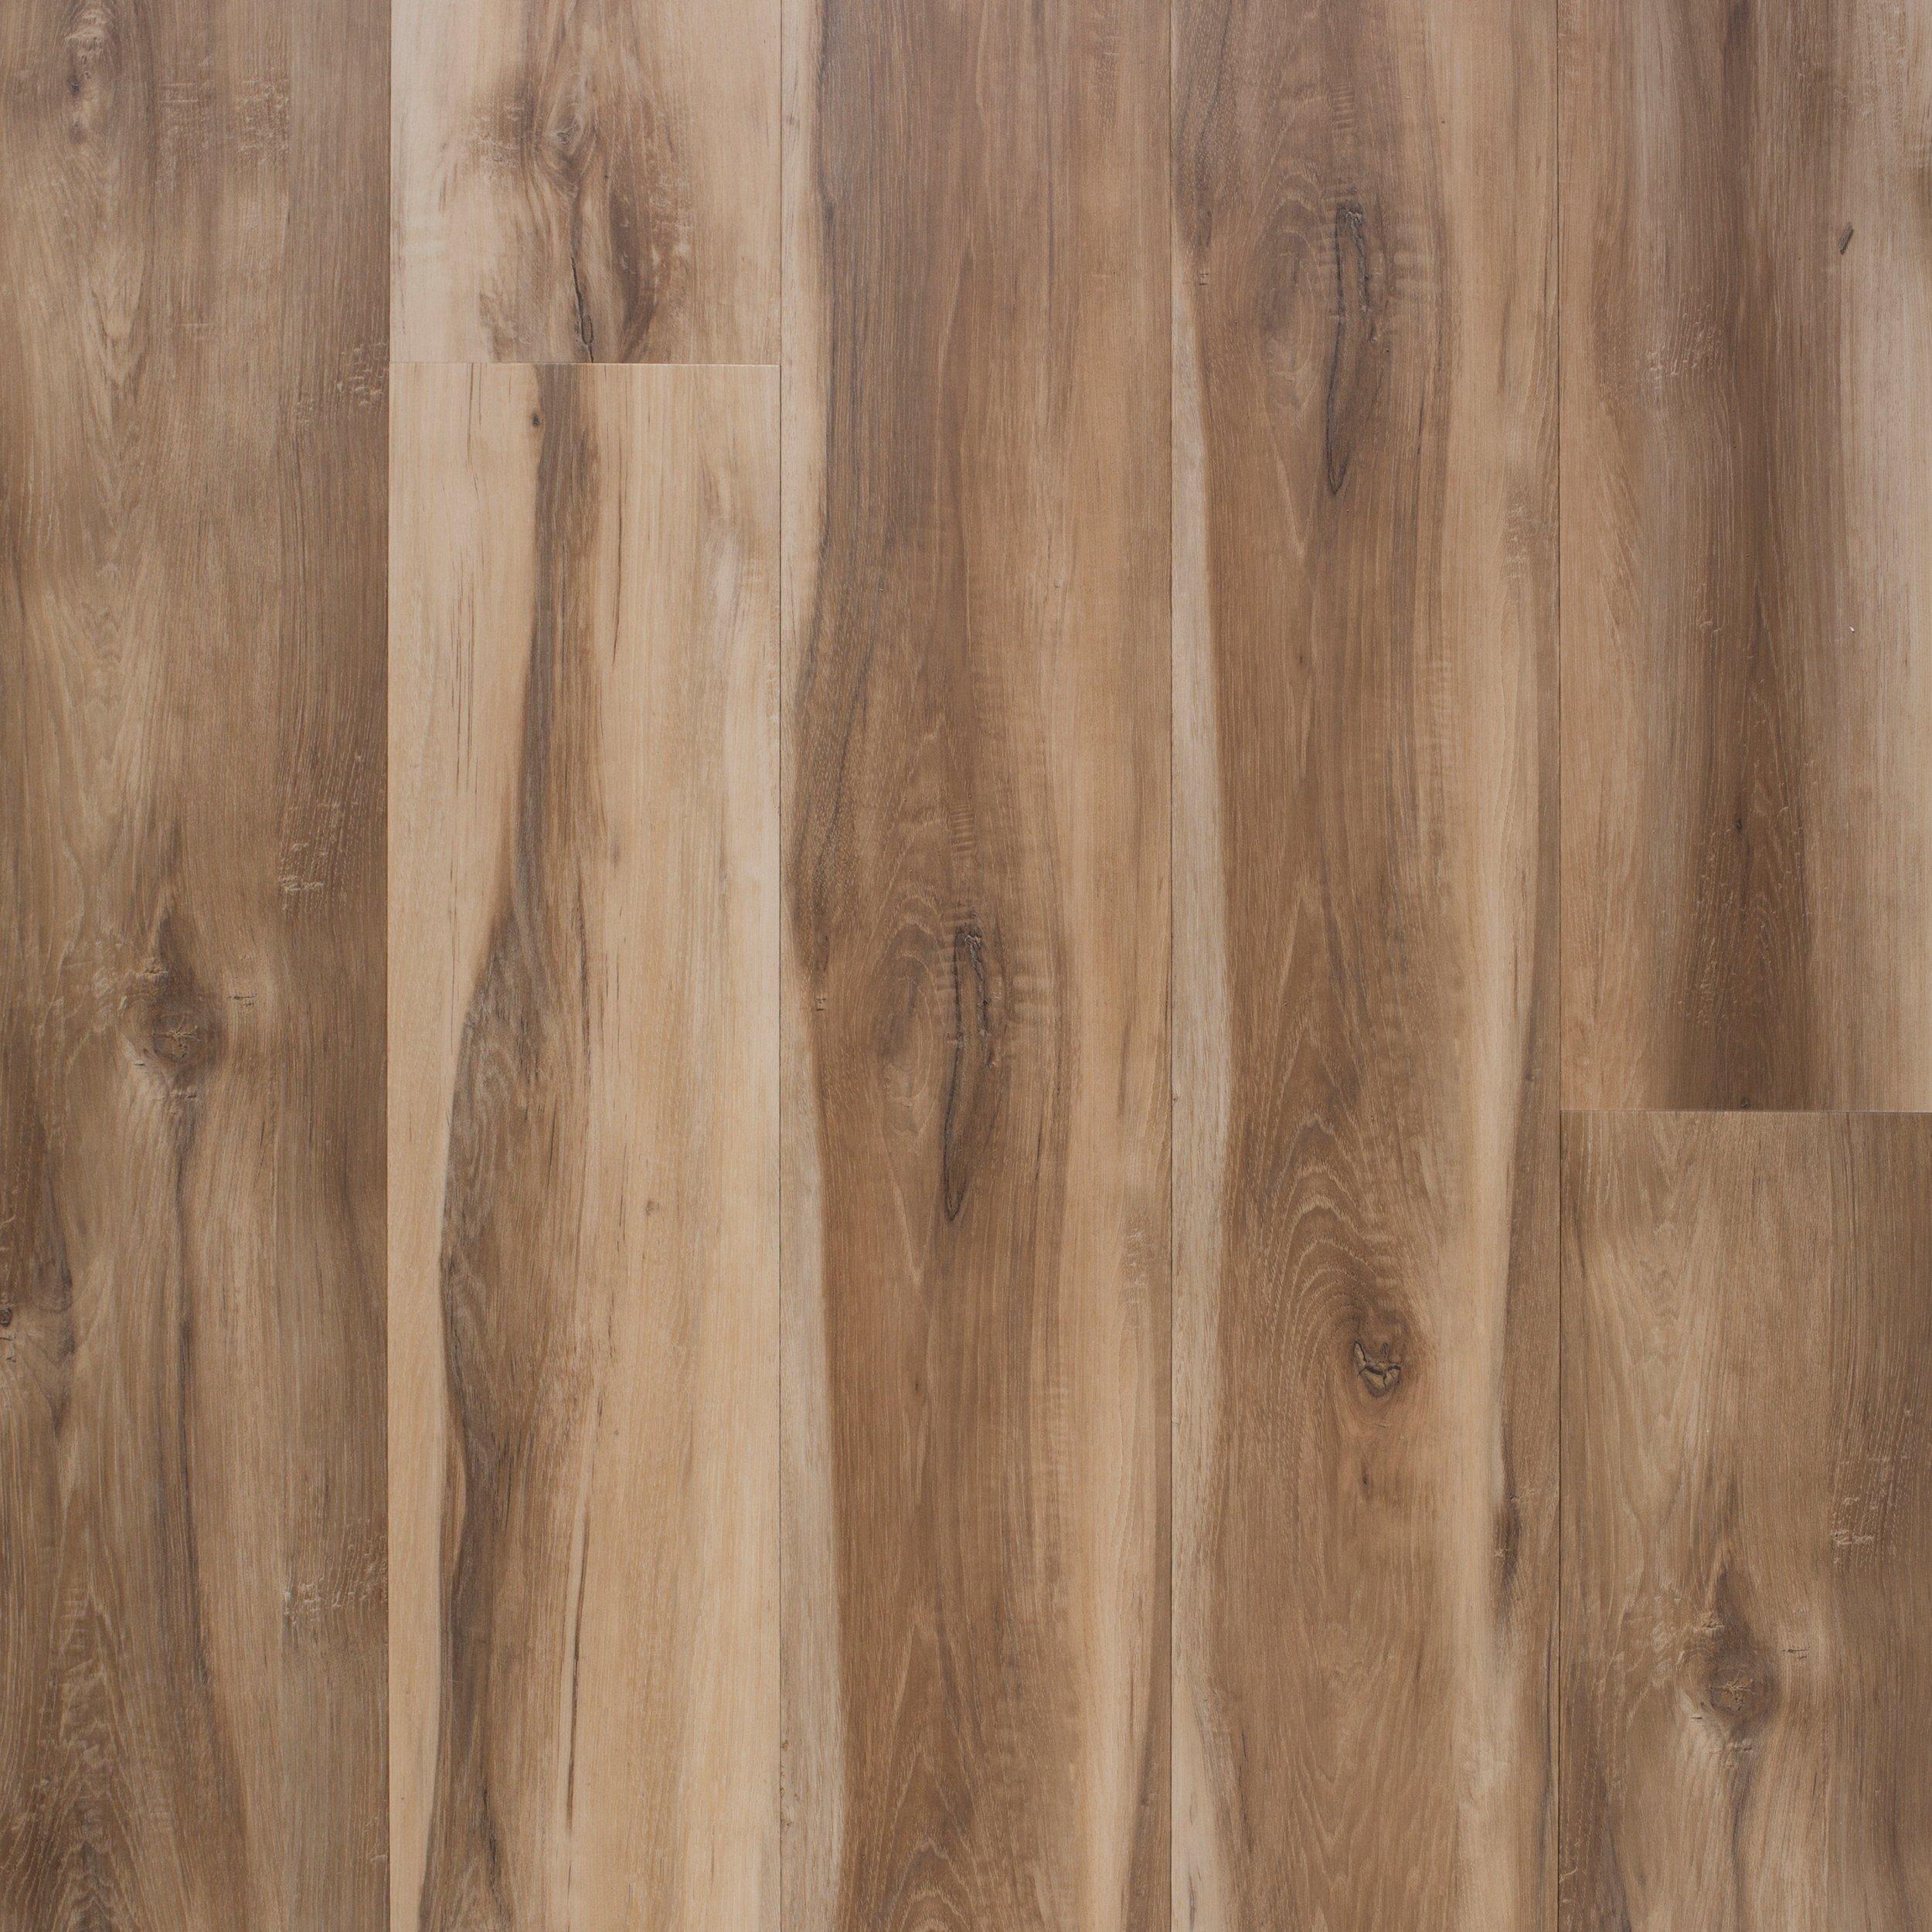 Spalted Oak Rigid Core Luxury Vinyl Plank Cork Back Luxury Vinyl Plank Vinyl Plank Vinyl Plank Flooring